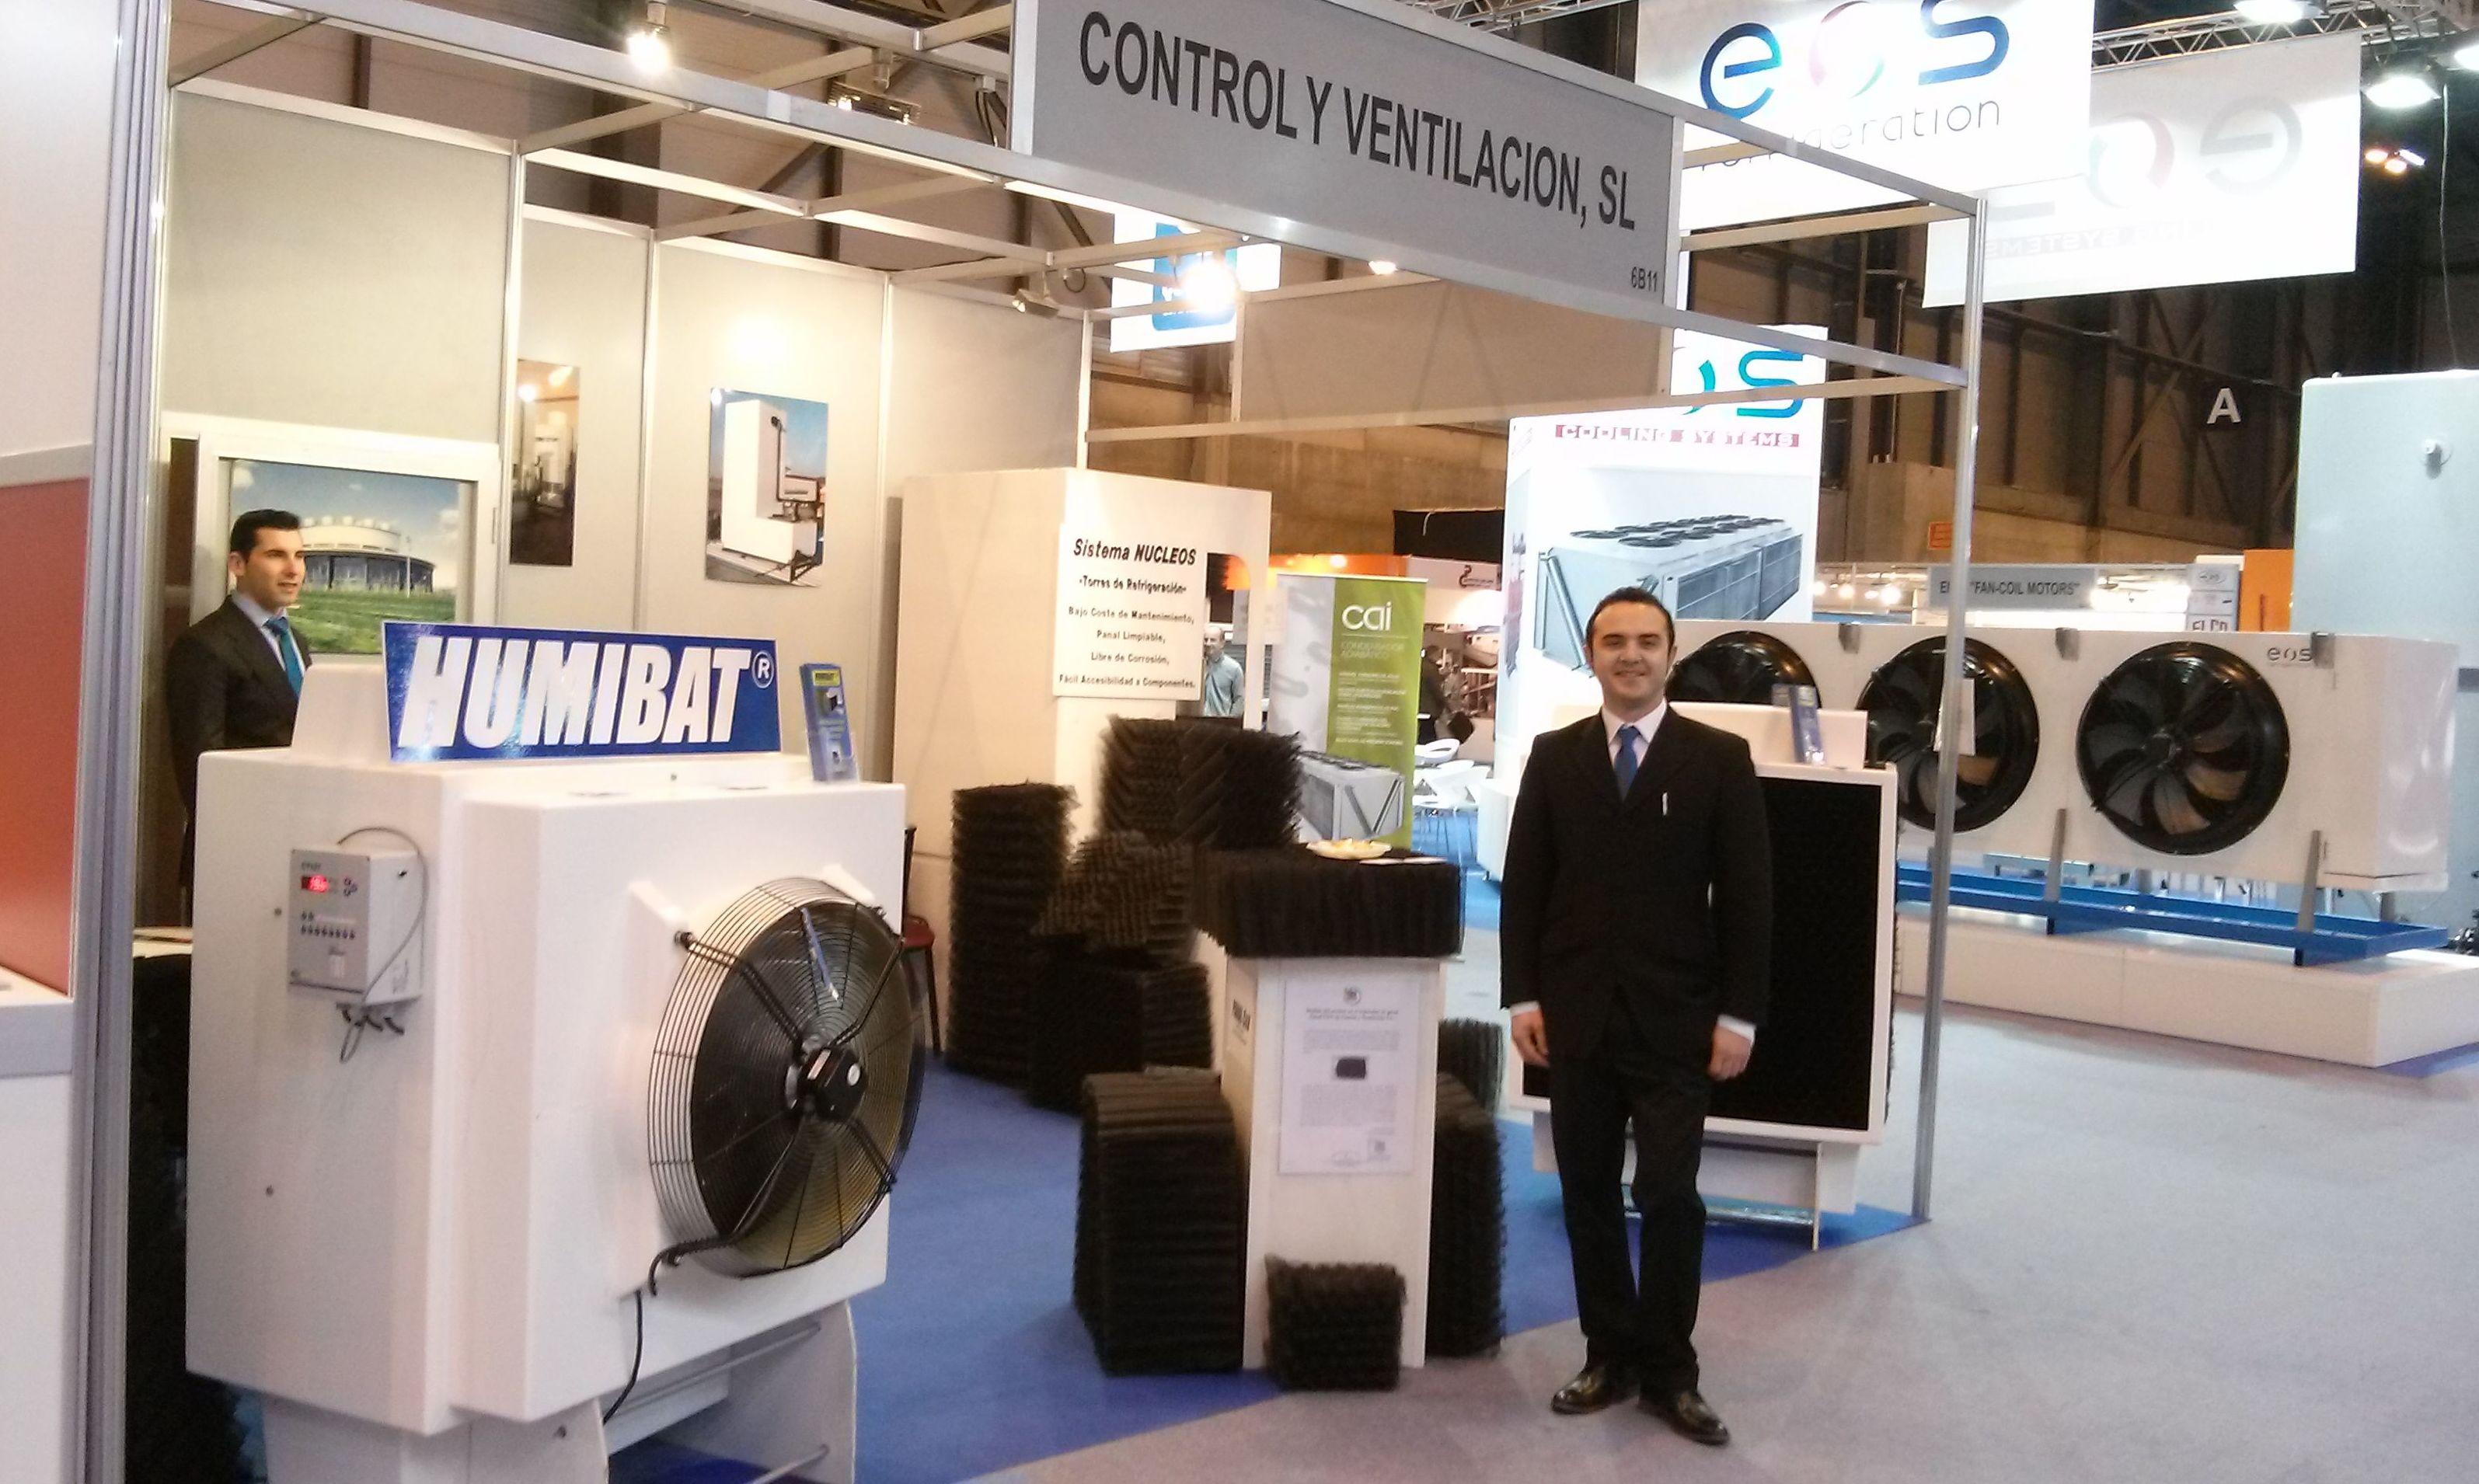 Control y Ventilación con su HUMIBAT en la IFEMA - Feria Internacional Climatización y Refrigeración 2015